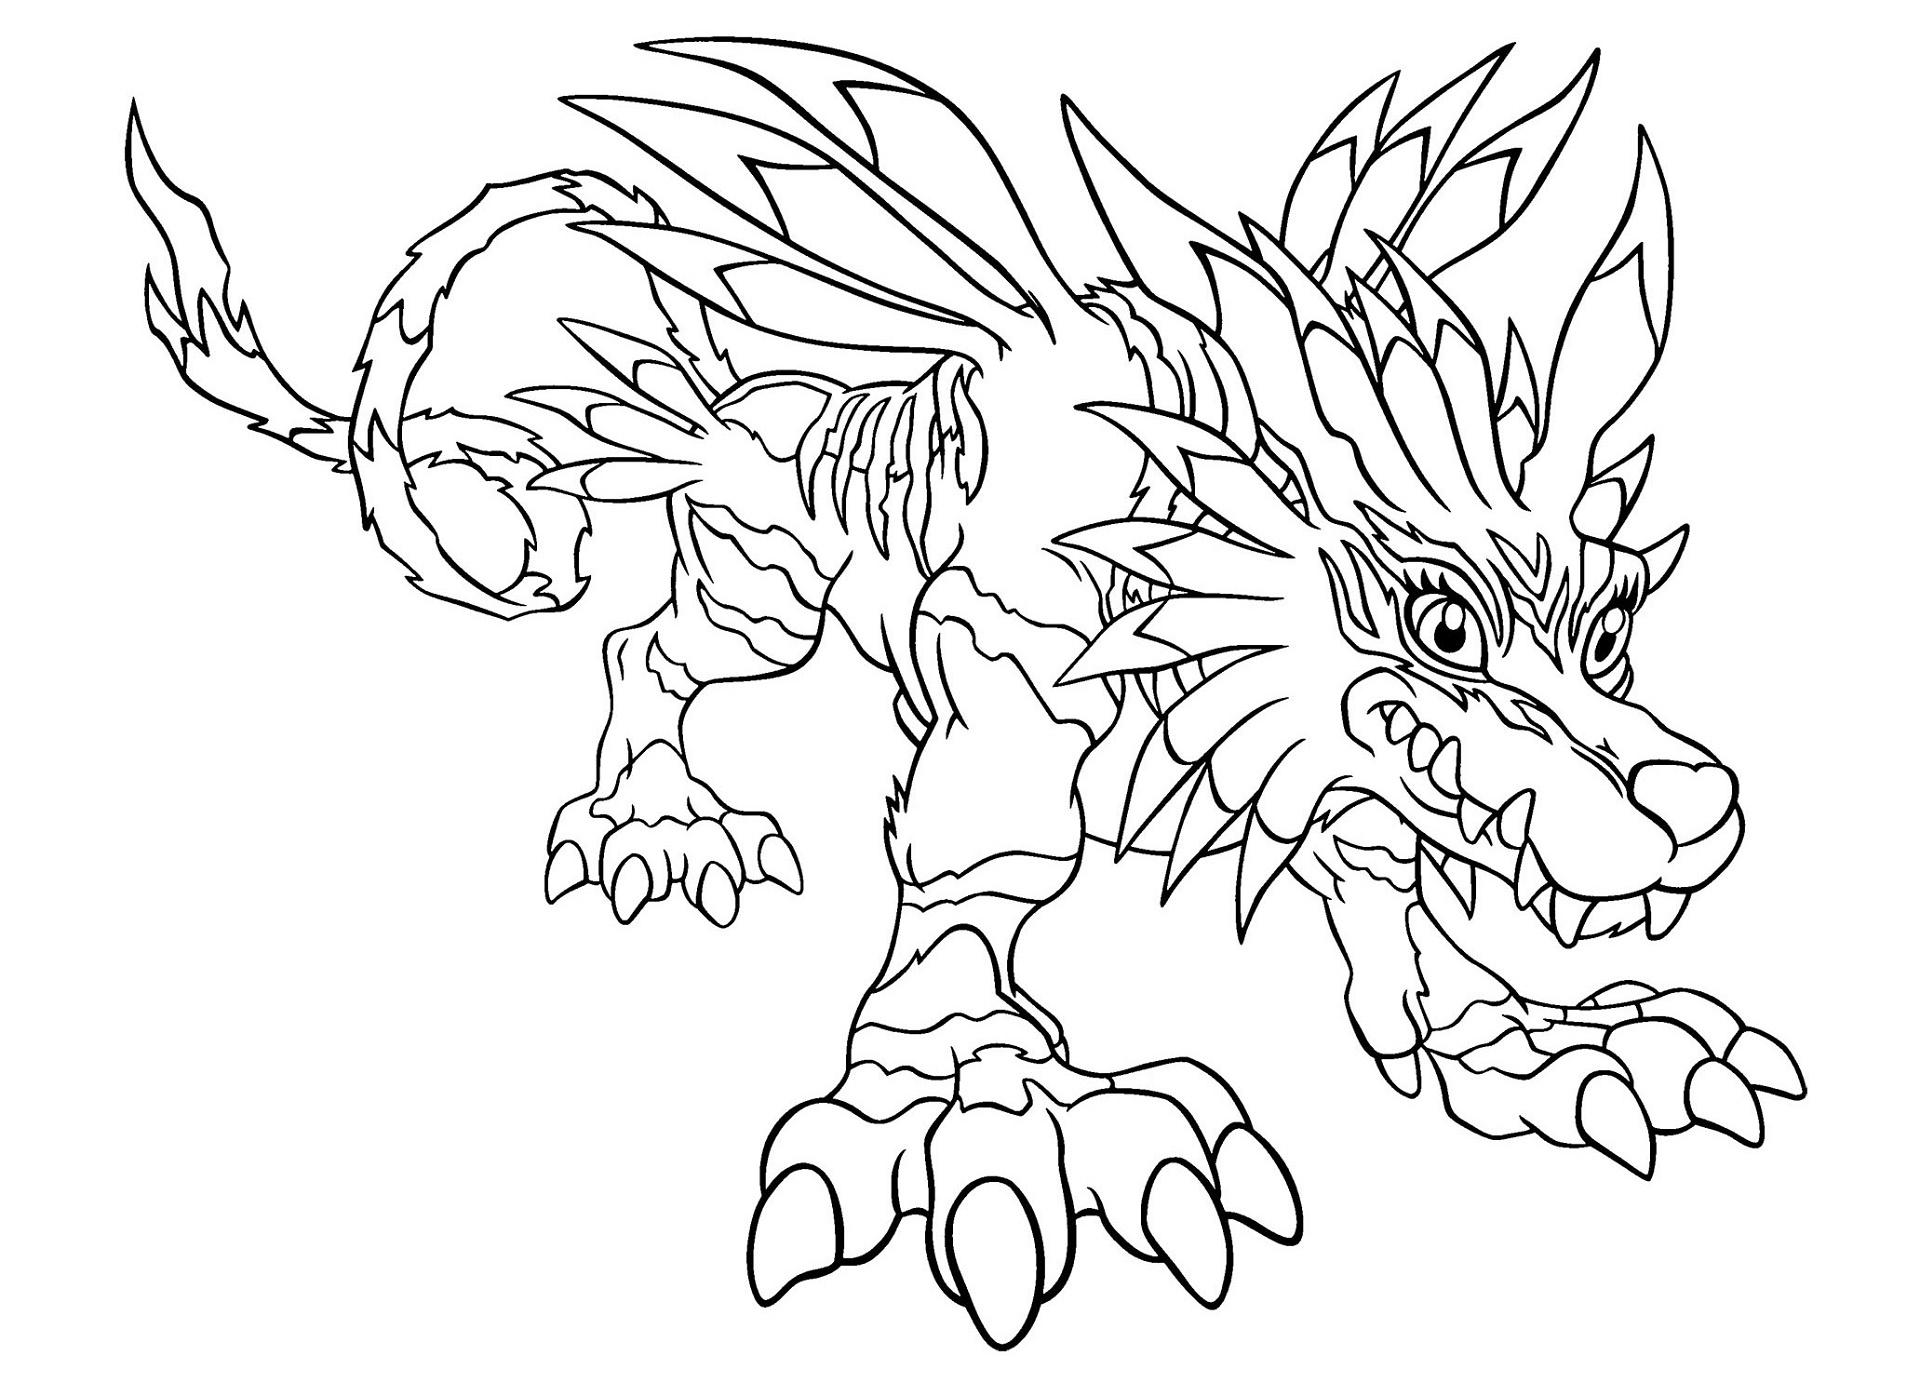 Dibujos Para Descargar Imprimir Y: Dibujos De Digimon Para Colorear, Pintar E Imprimir Gratis